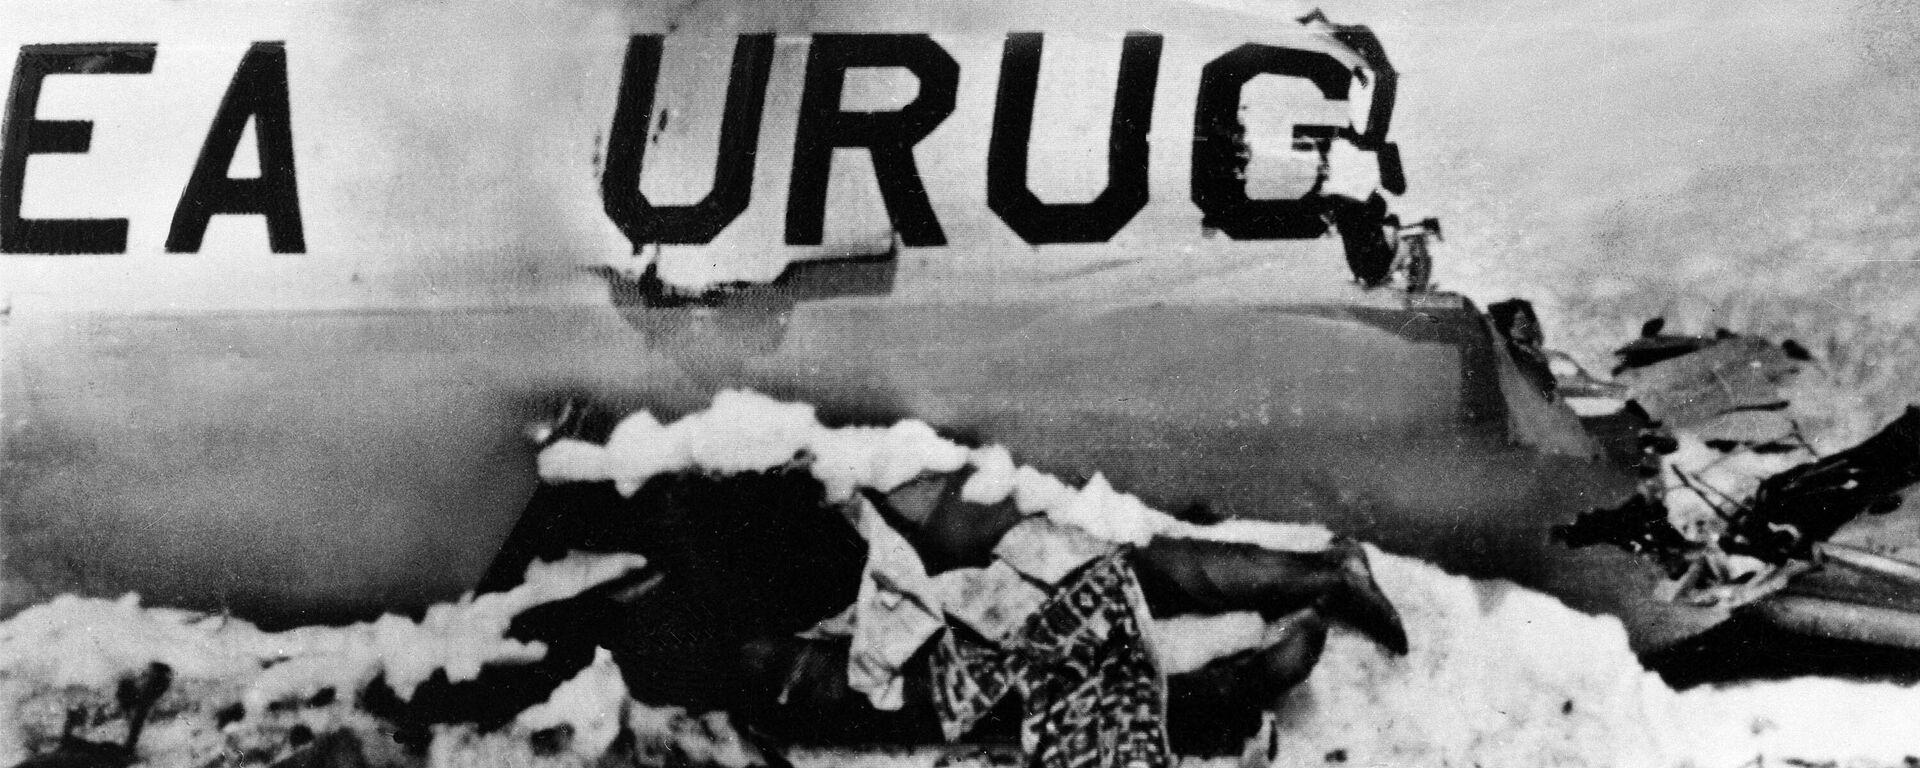 Το αεροπορικό δυστύχημα στις Άνδεις, το 1972 - Sputnik Ελλάδα, 1920, 06.04.2021